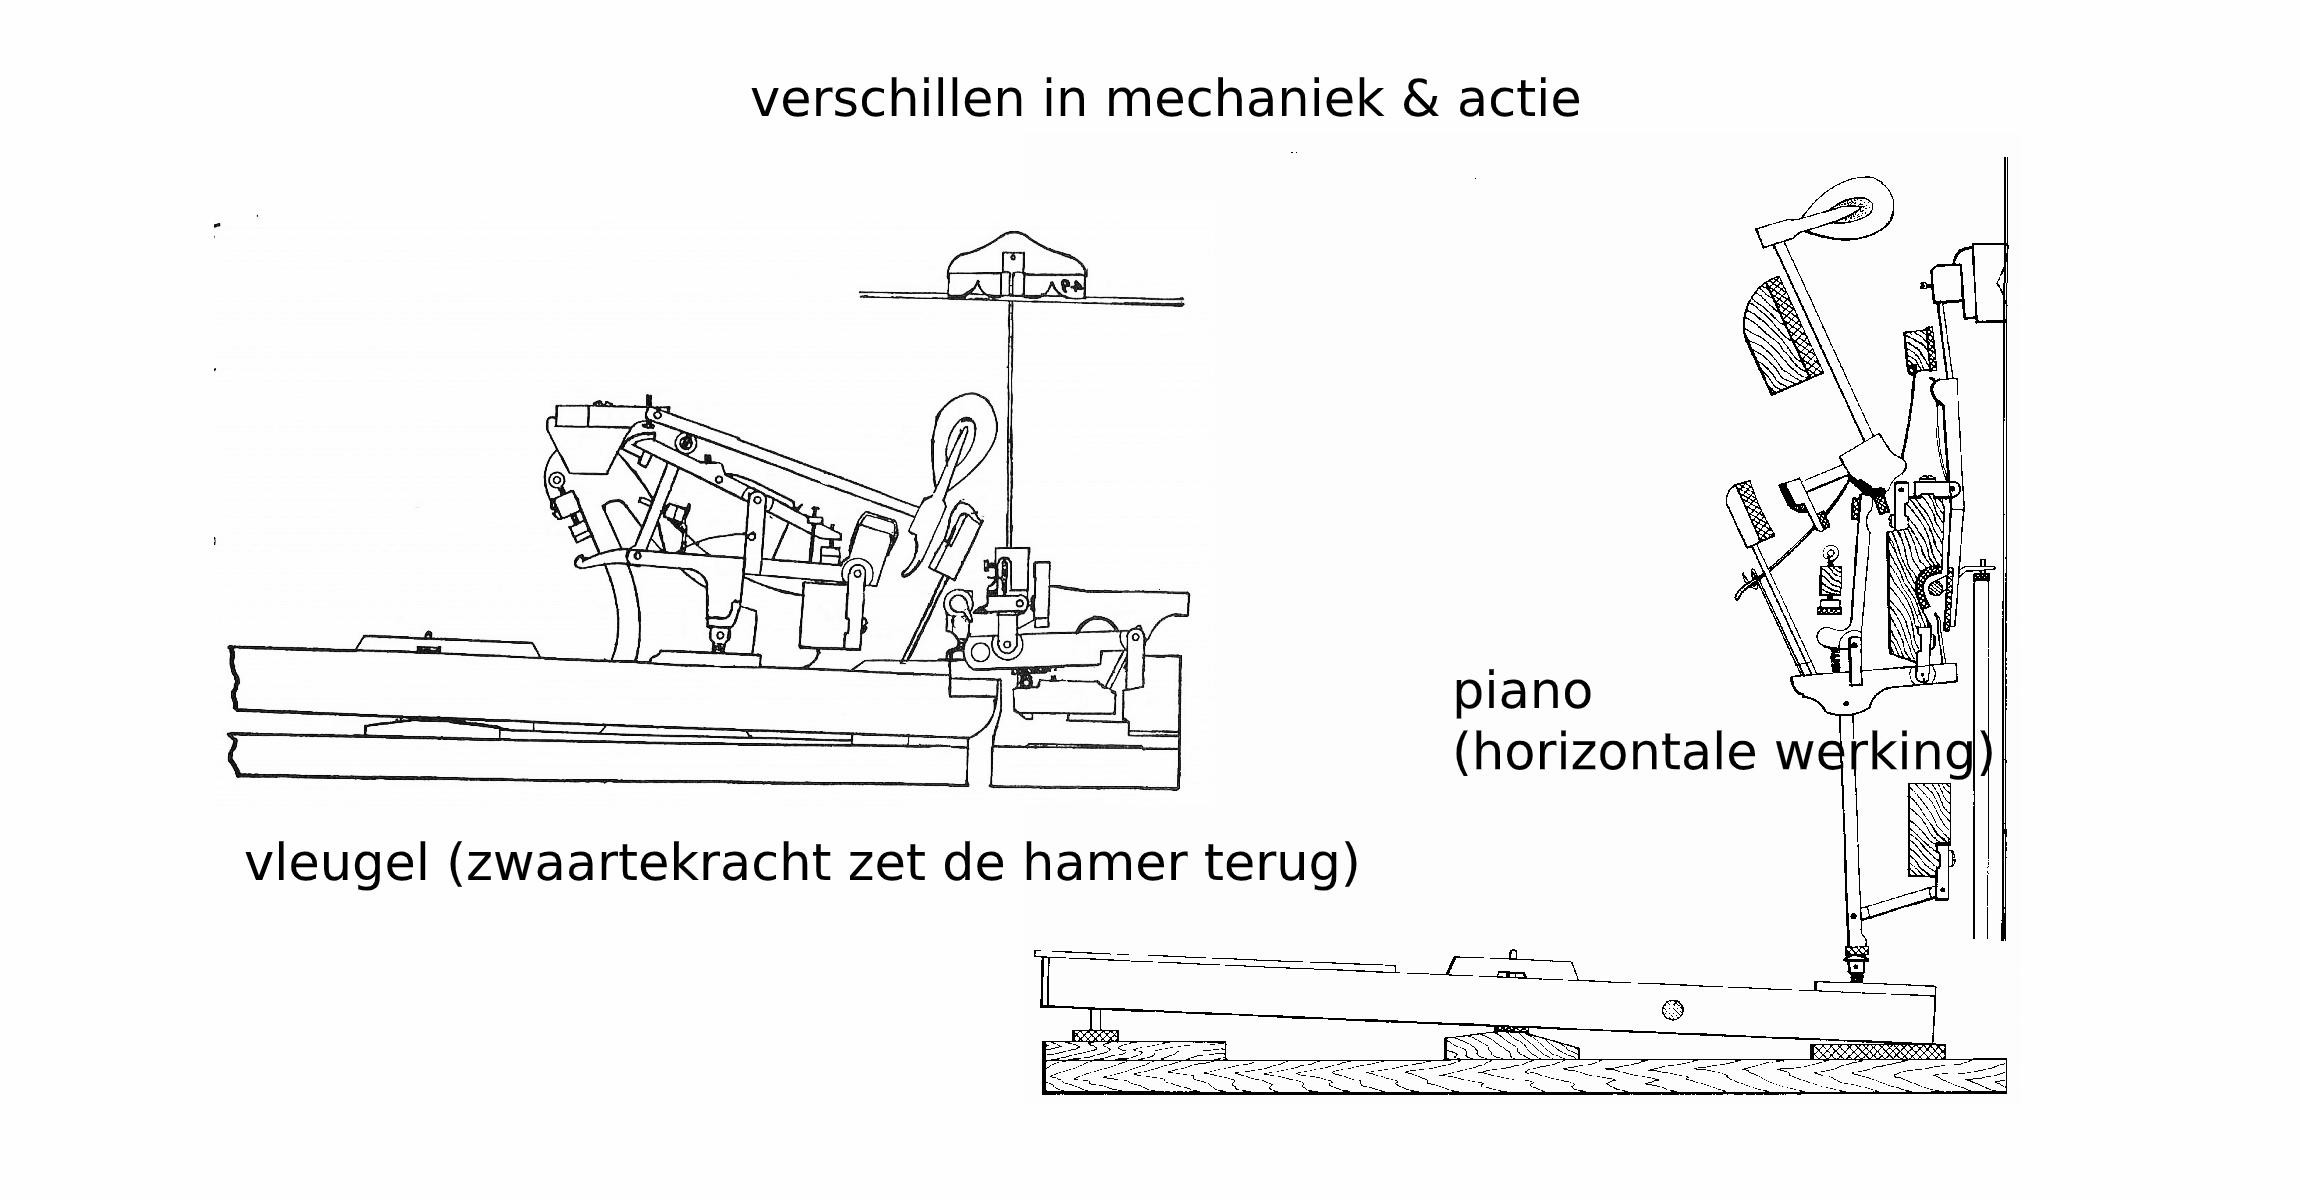 Het verschil in mechaniek - piano vs vleugel